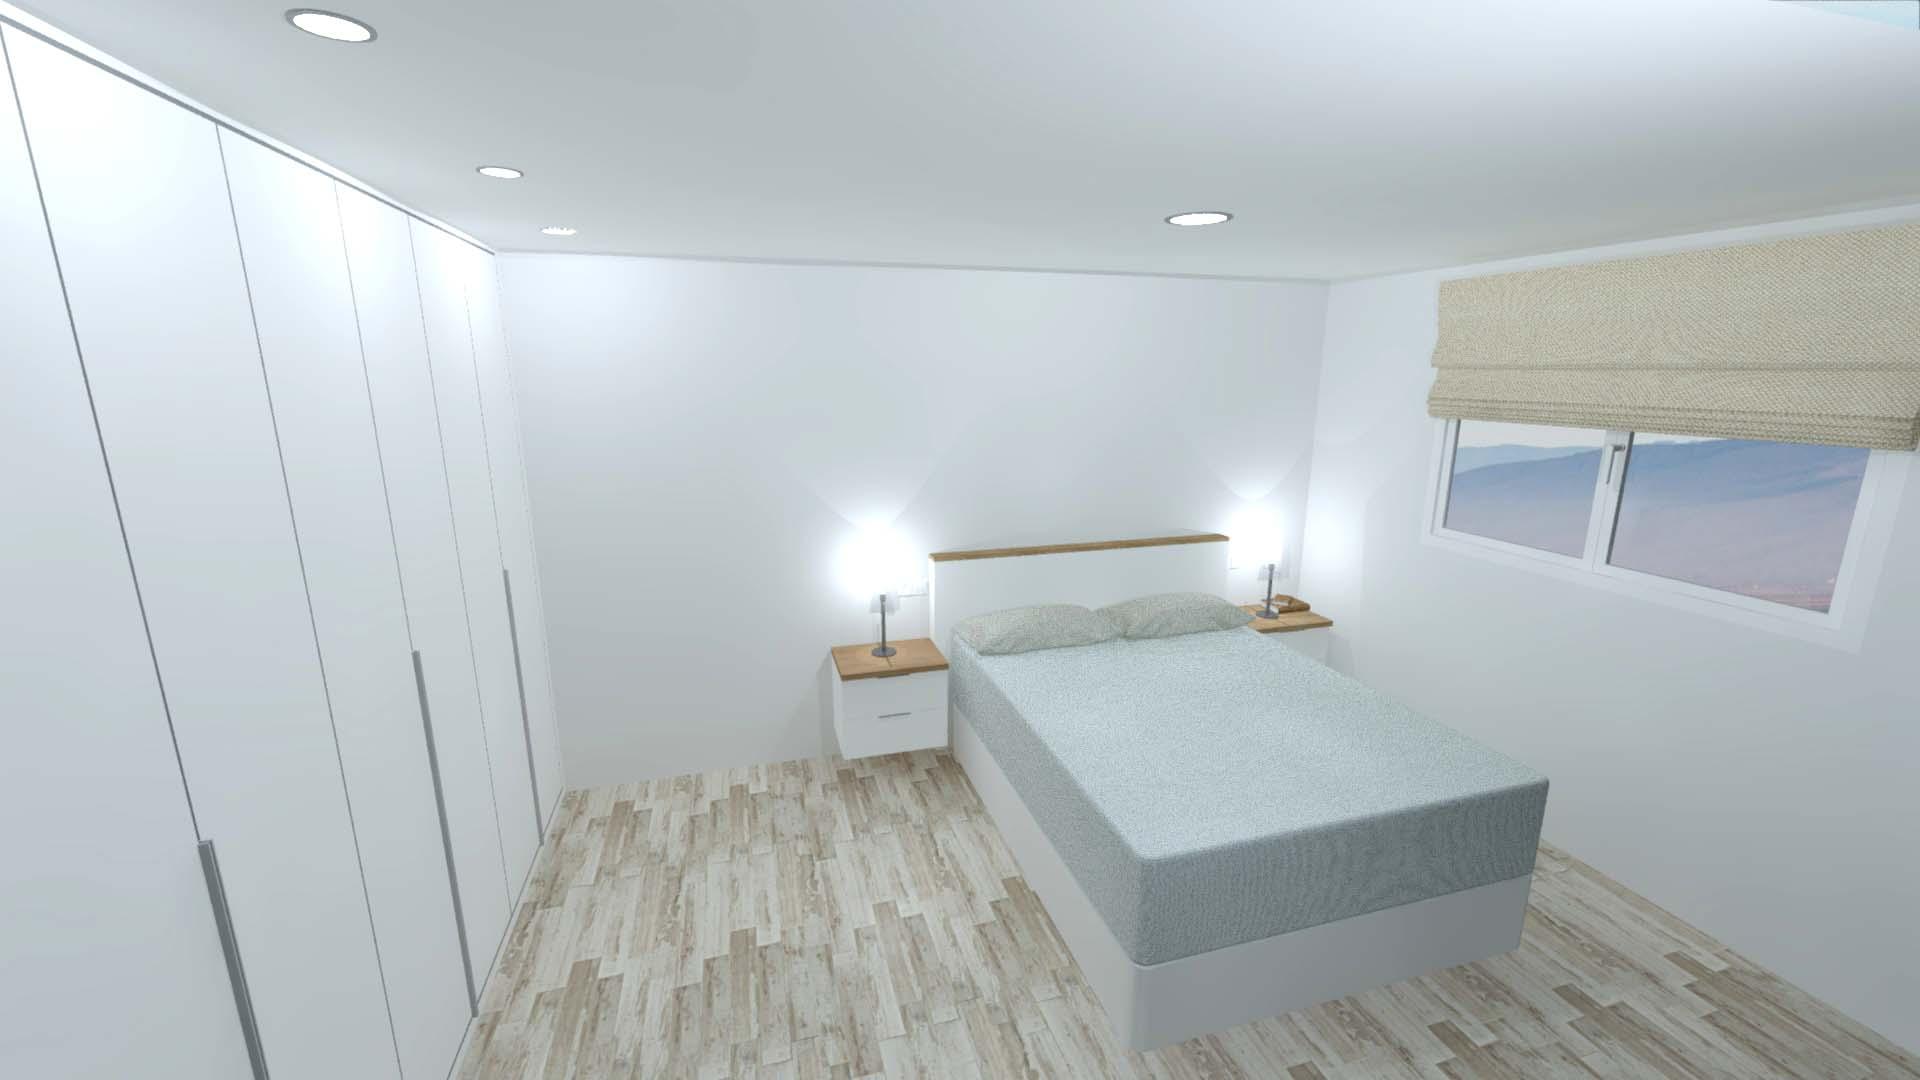 Dormitorio completo habitaci n de matrimonio arnit for Dormitorio completo